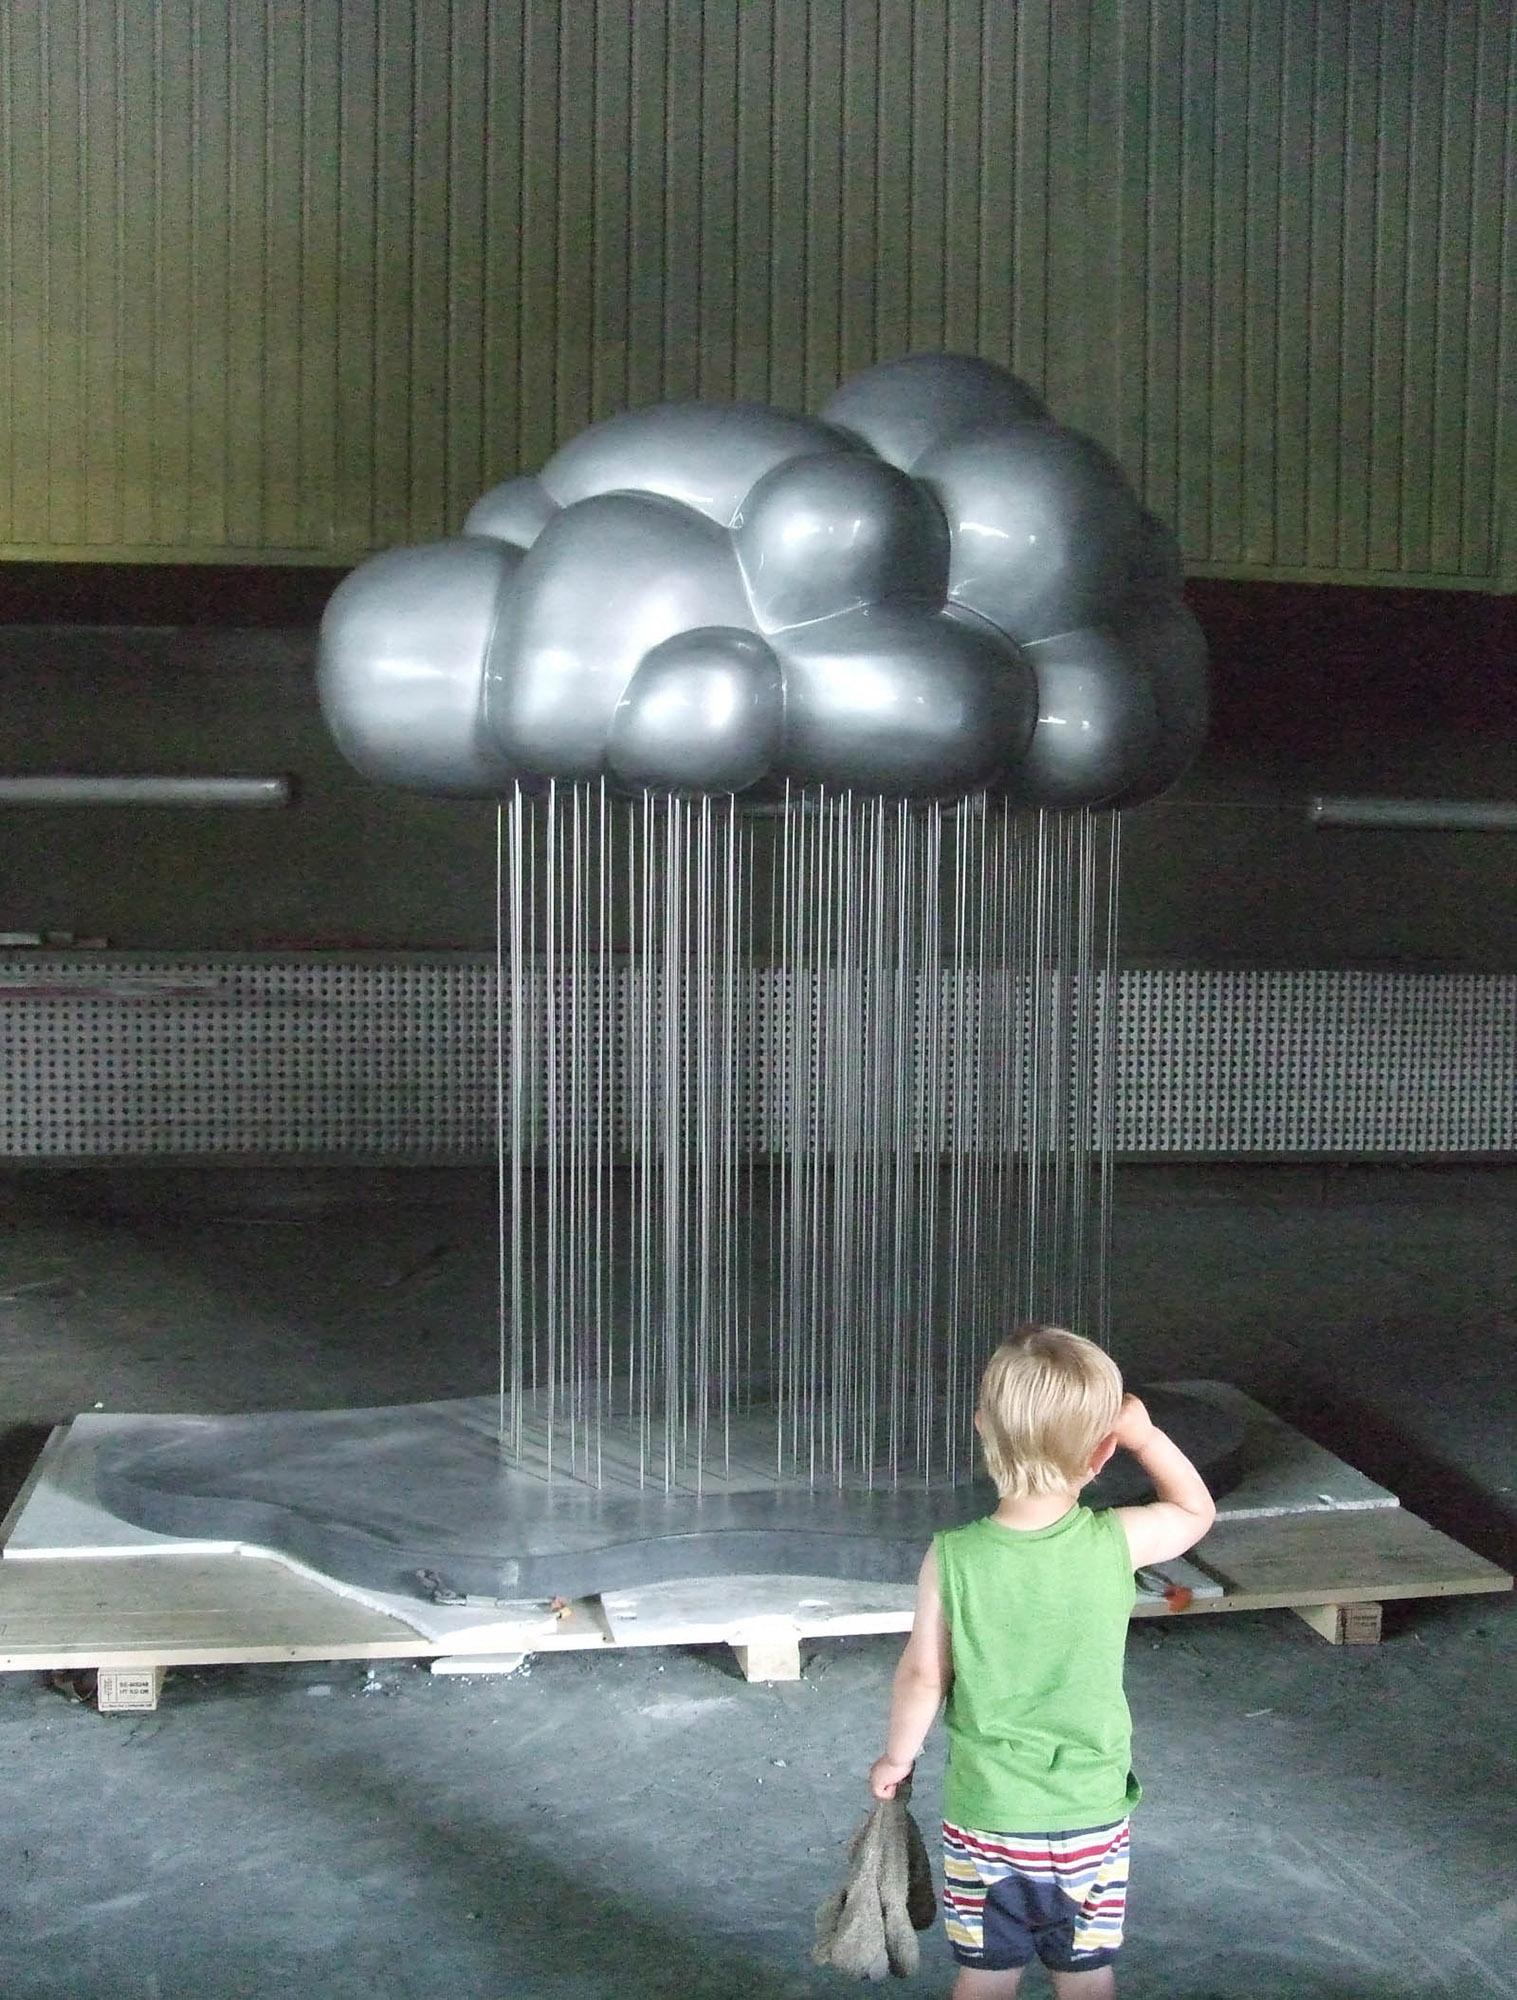 Ett barn tittar på Molnet, som är betydligt högre än barnet. Jennifer Forsberg, En liten berättelse i tre delar